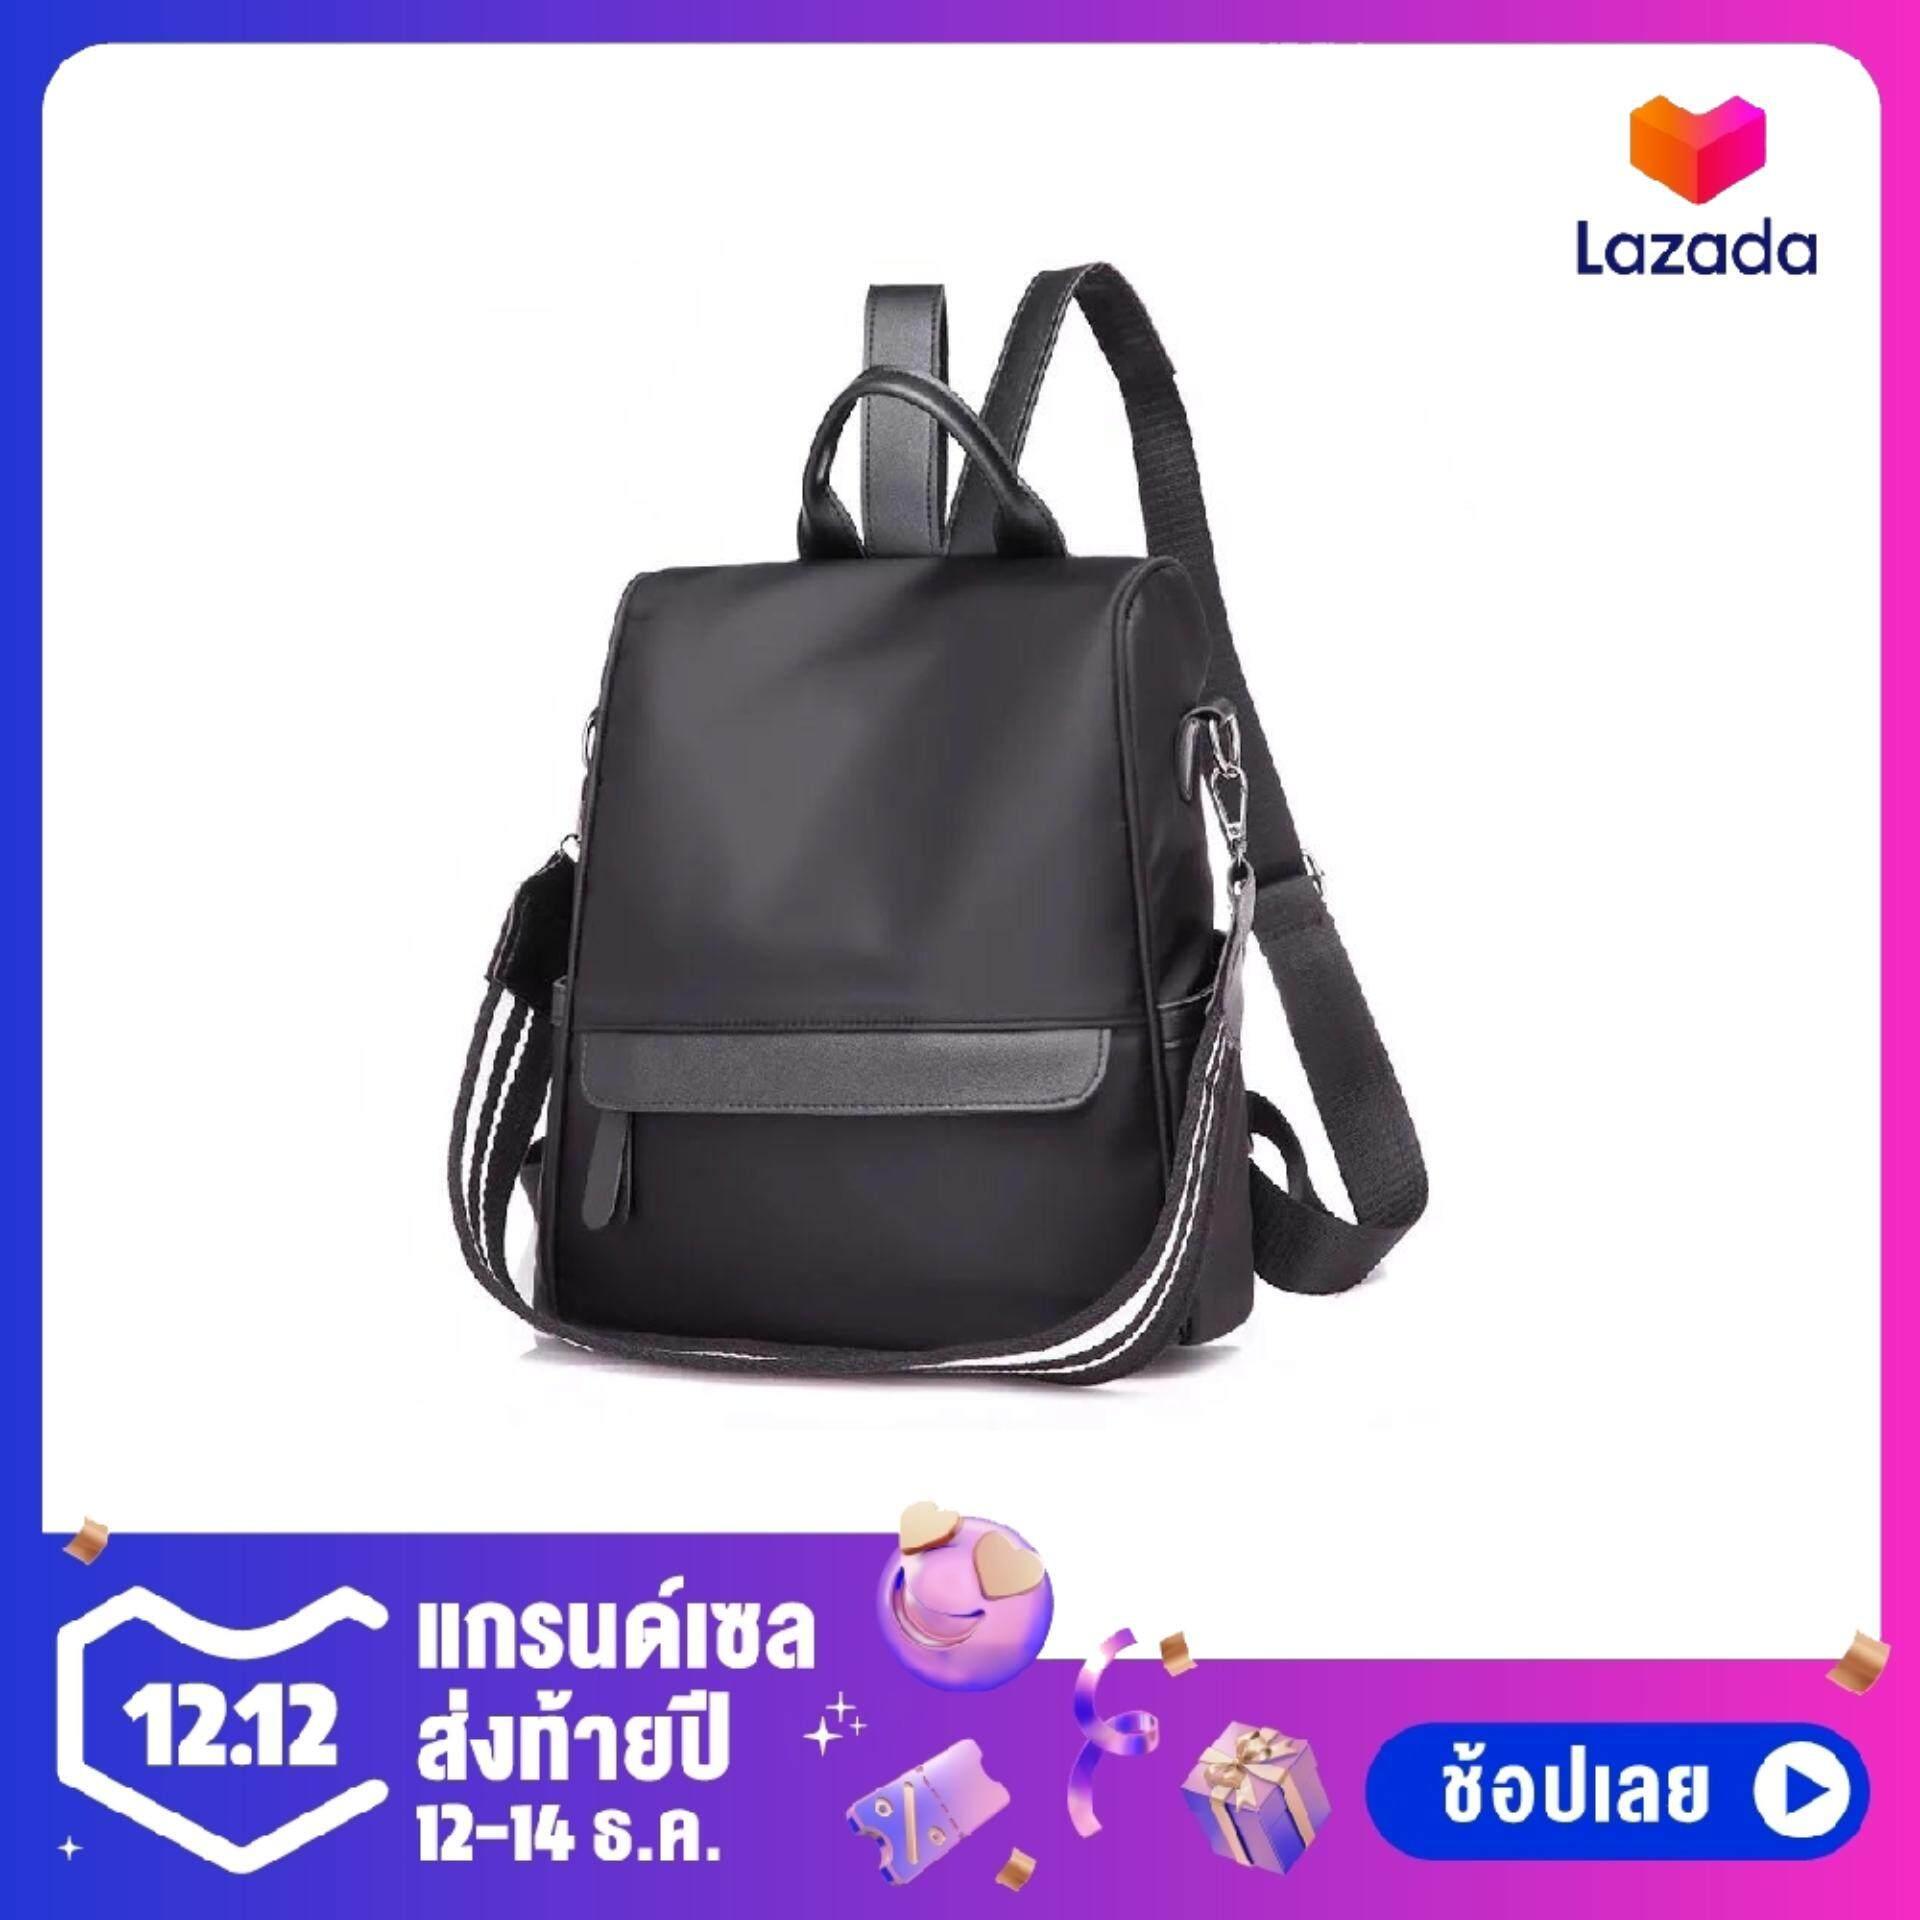 กระเป๋าสะพายพาดลำตัว นักเรียน ผู้หญิง วัยรุ่น ตราด Dplus กระเป๋าสะพาย กระเป๋าเป้ แฟชั่น สำหรับผู้หญิง รุ่น 040